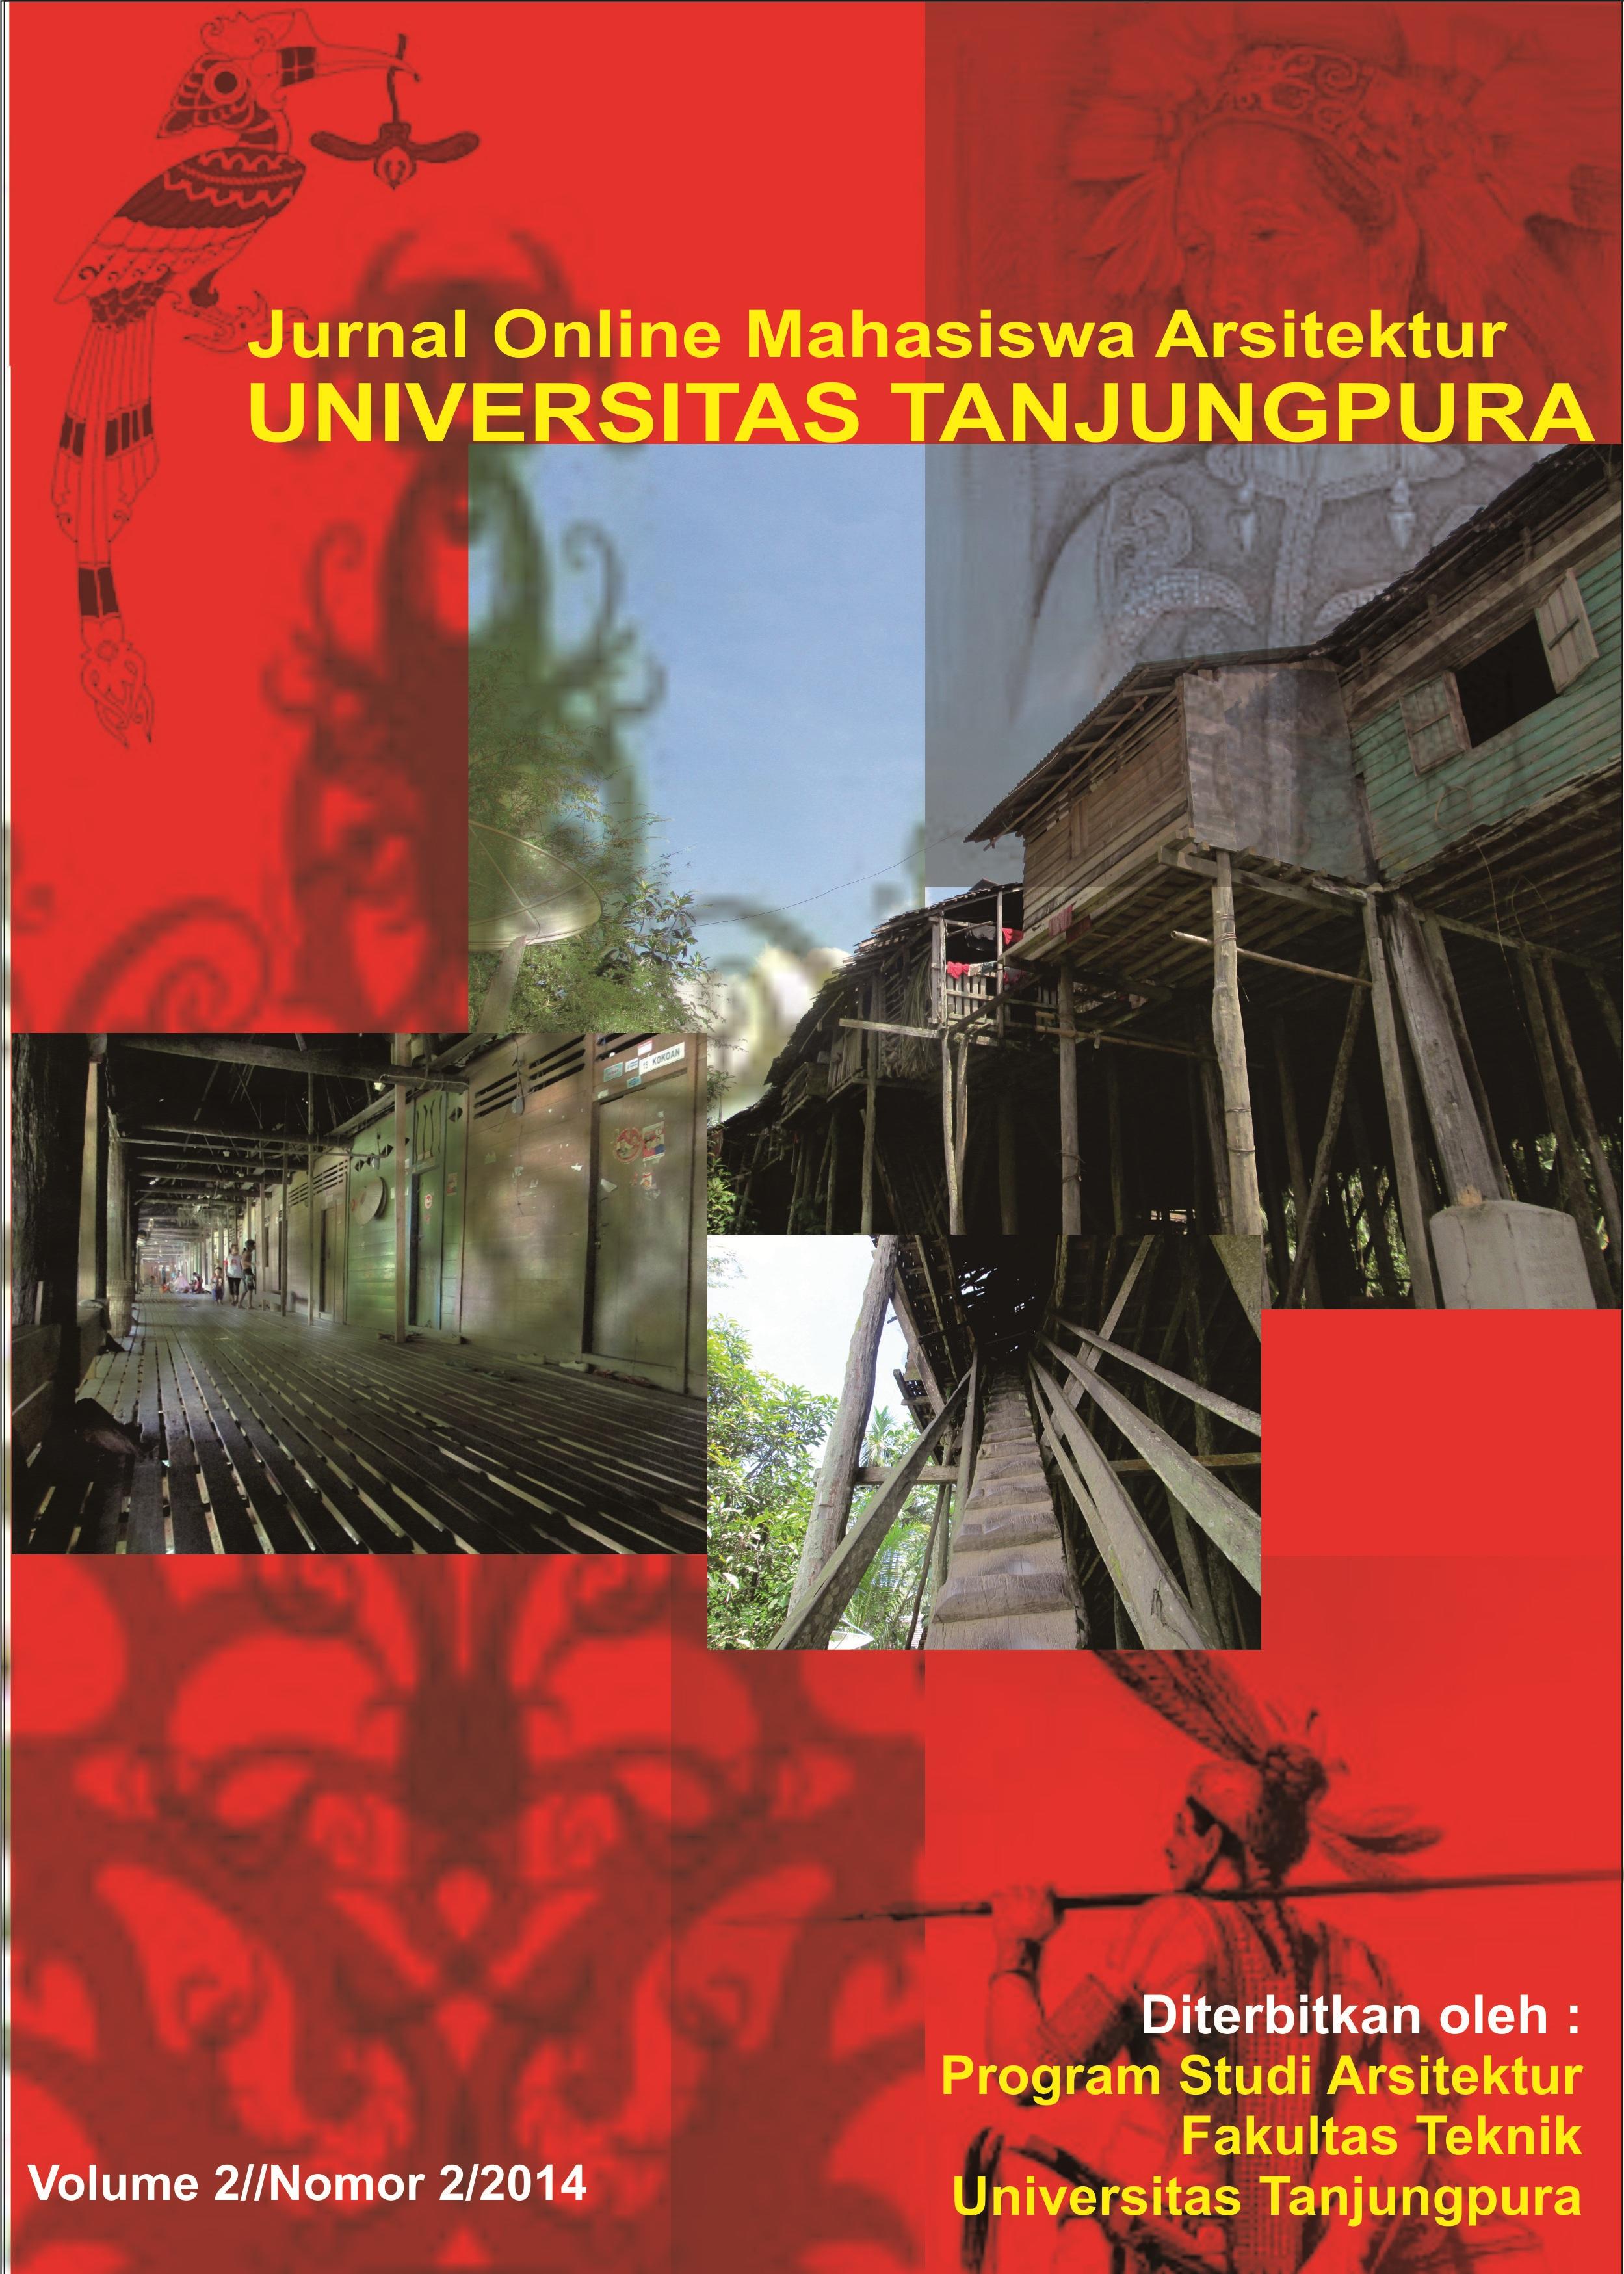 Jurnal online vol 2 no 2 Mahasiswa S1 Arsitektur Fakultas Teknik Universitas Tanjungpura